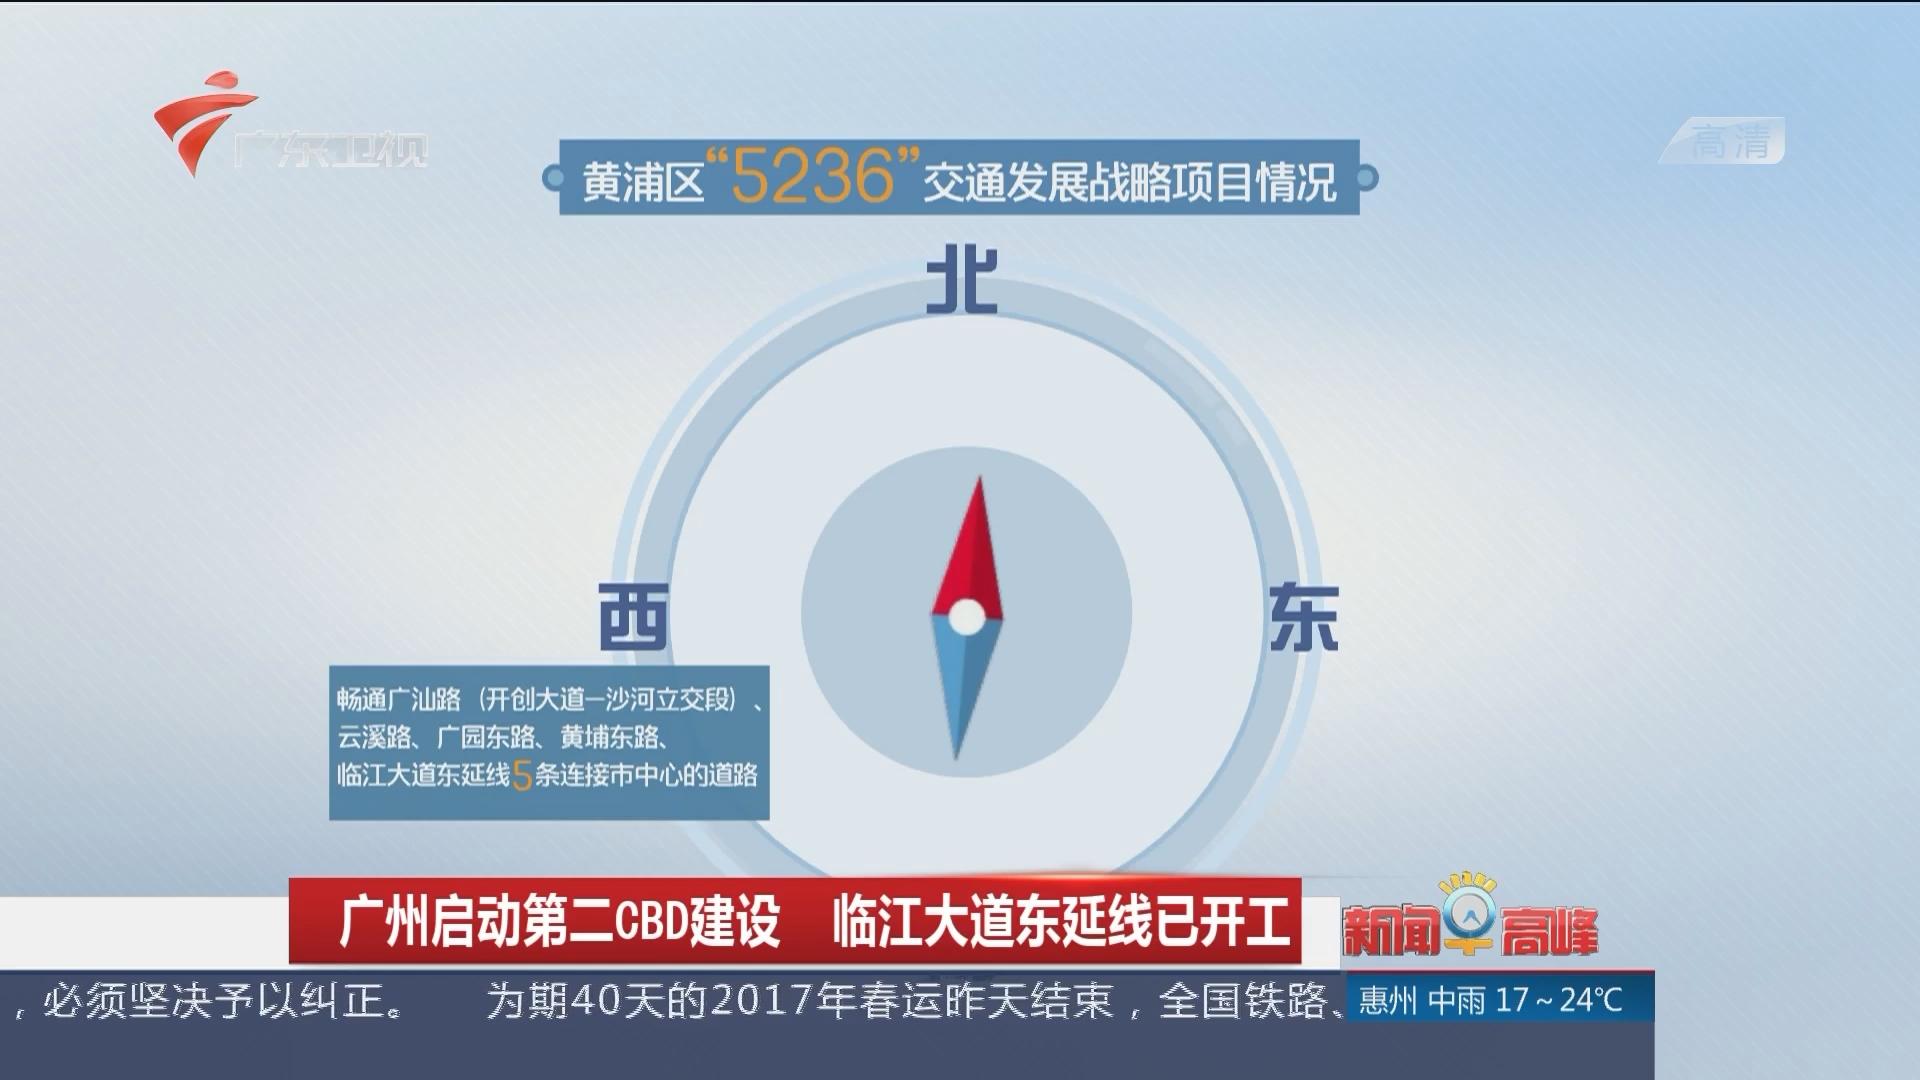 广州启动第二CBD建设 临江大道东延线已开工